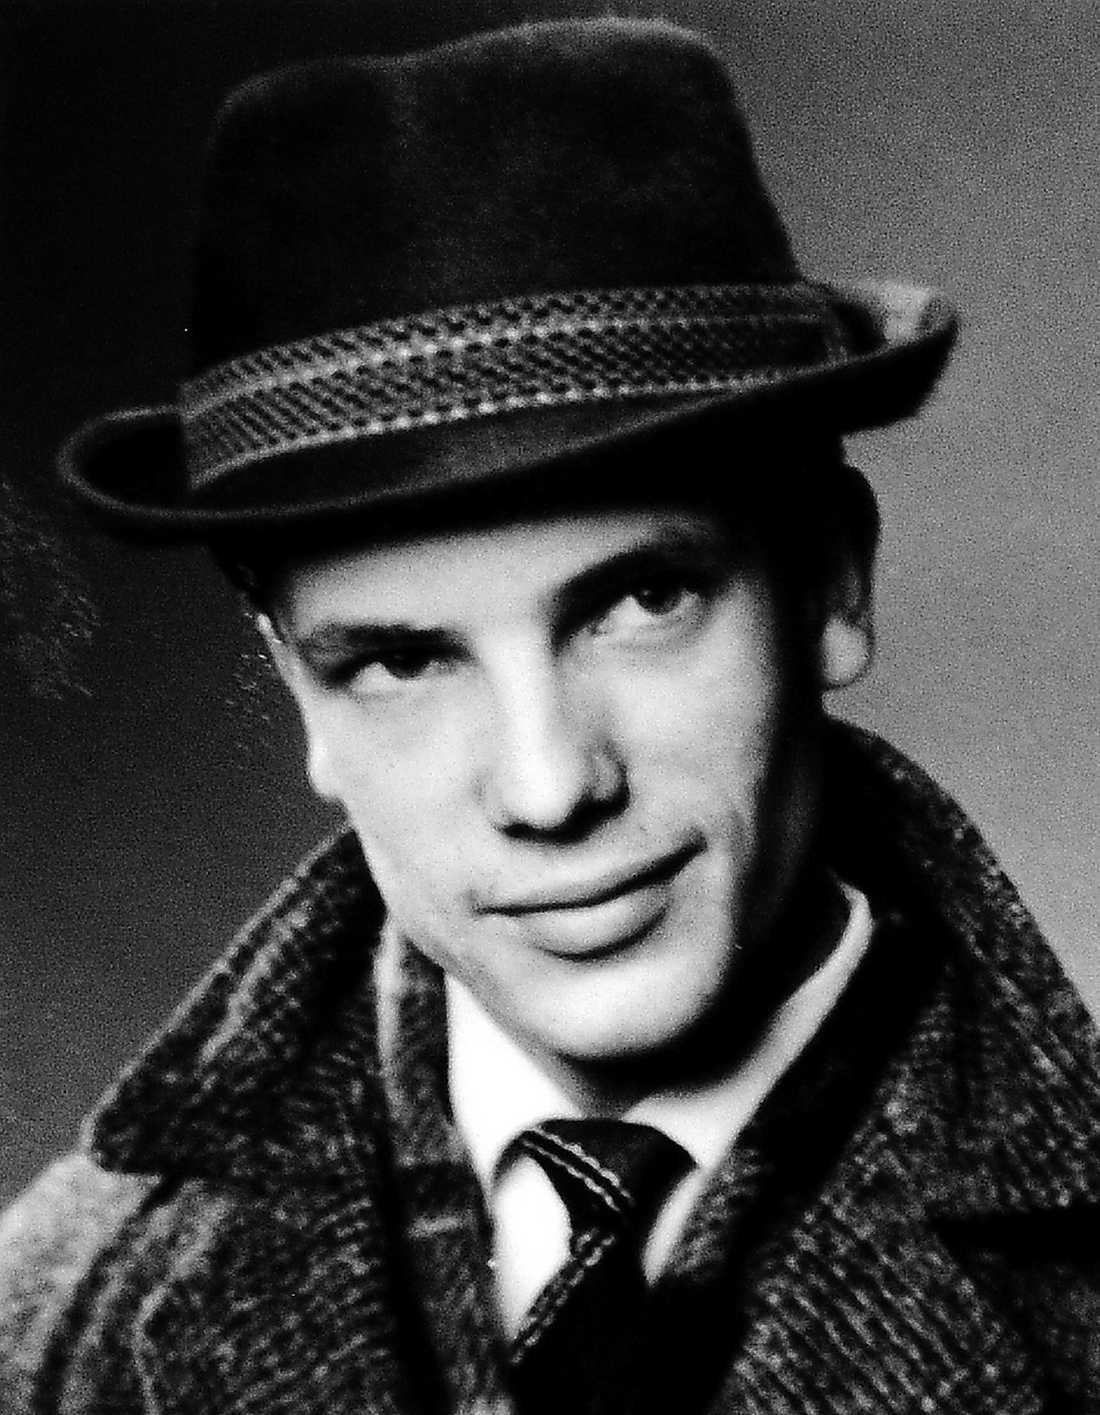 OPERERADES Martin Brama var säker på att han skulle dö när han satt inspärrad i isoleringscellen.